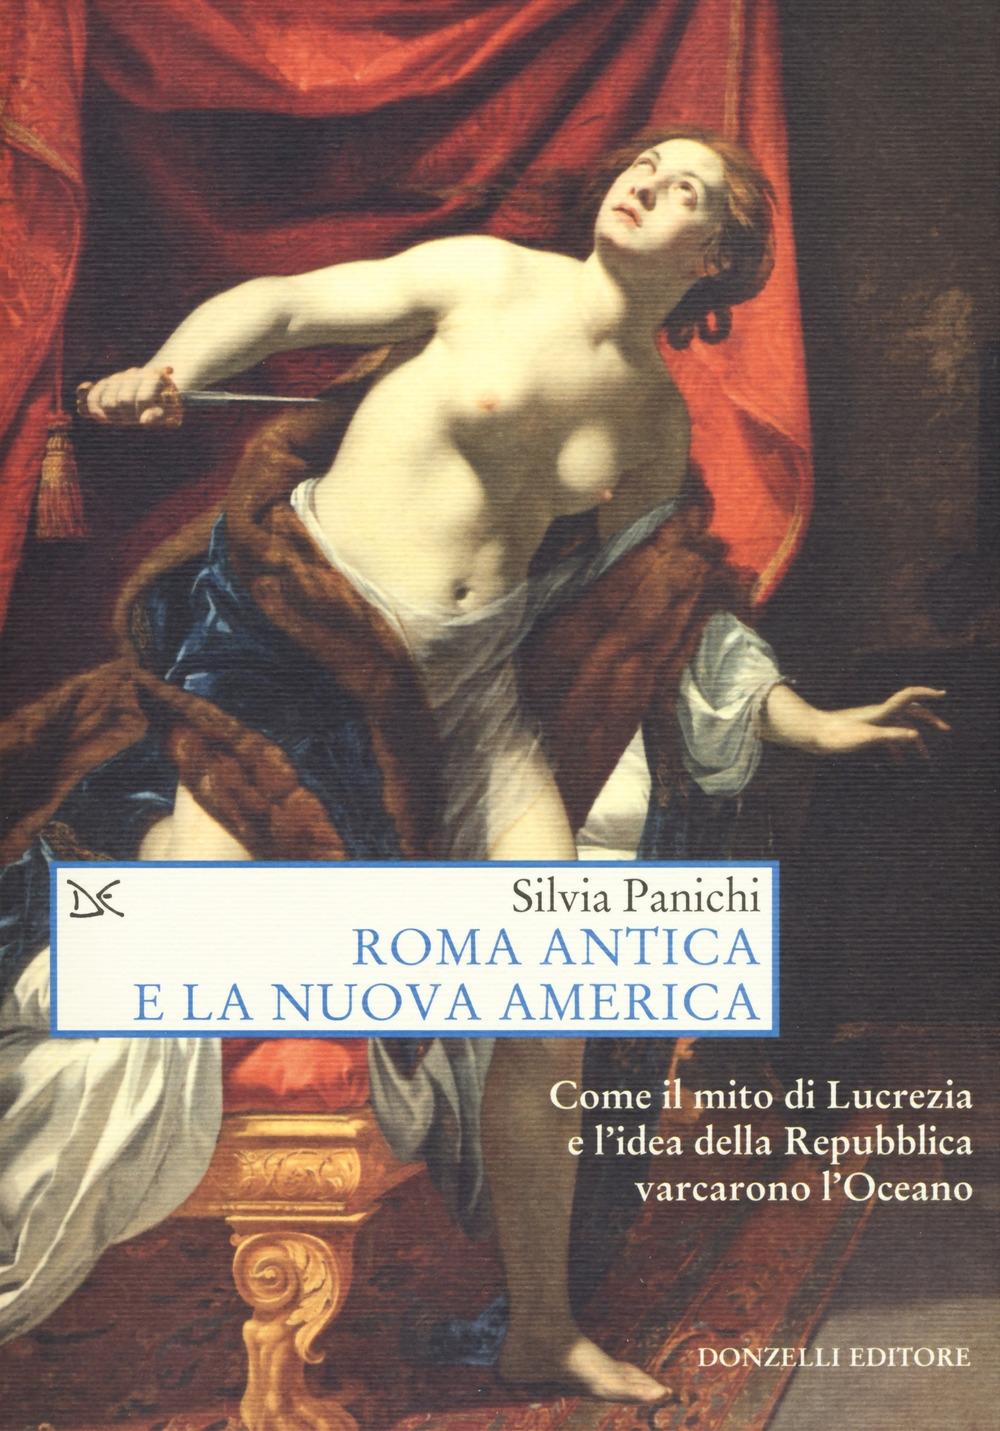 Roma antica e la nuova america. Come il mito di Lucrezia e l'idea di Repubblica varcarono l'Oceano